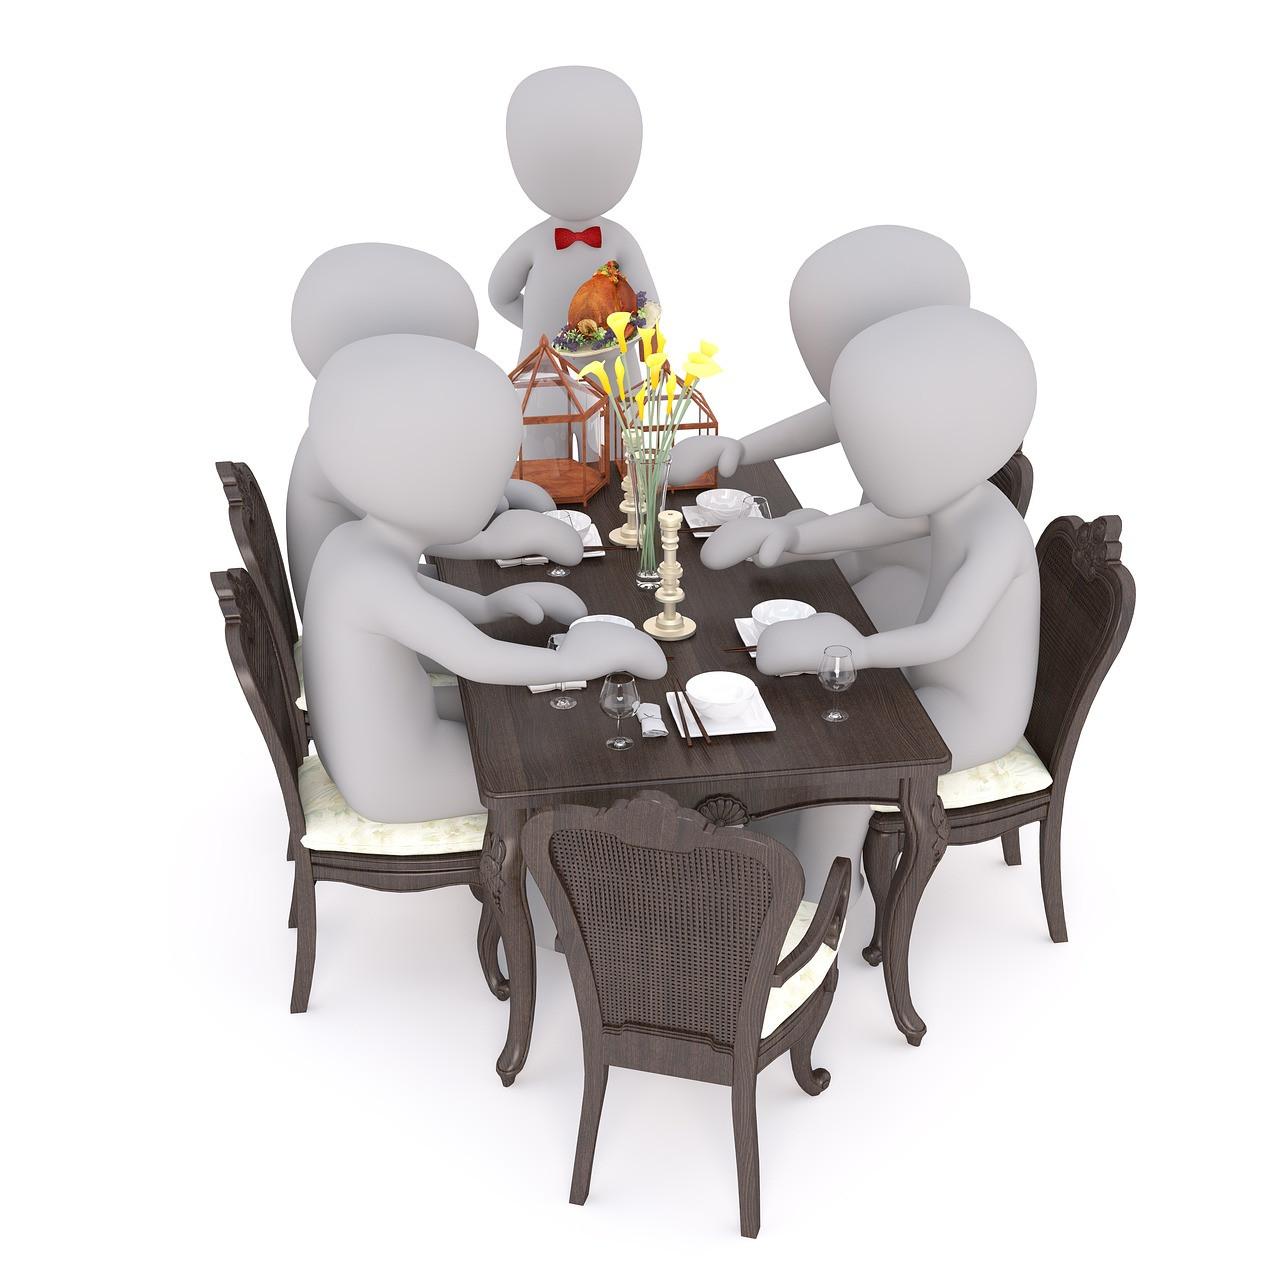 Maennchen-Essen-meal-2064920_1280-1